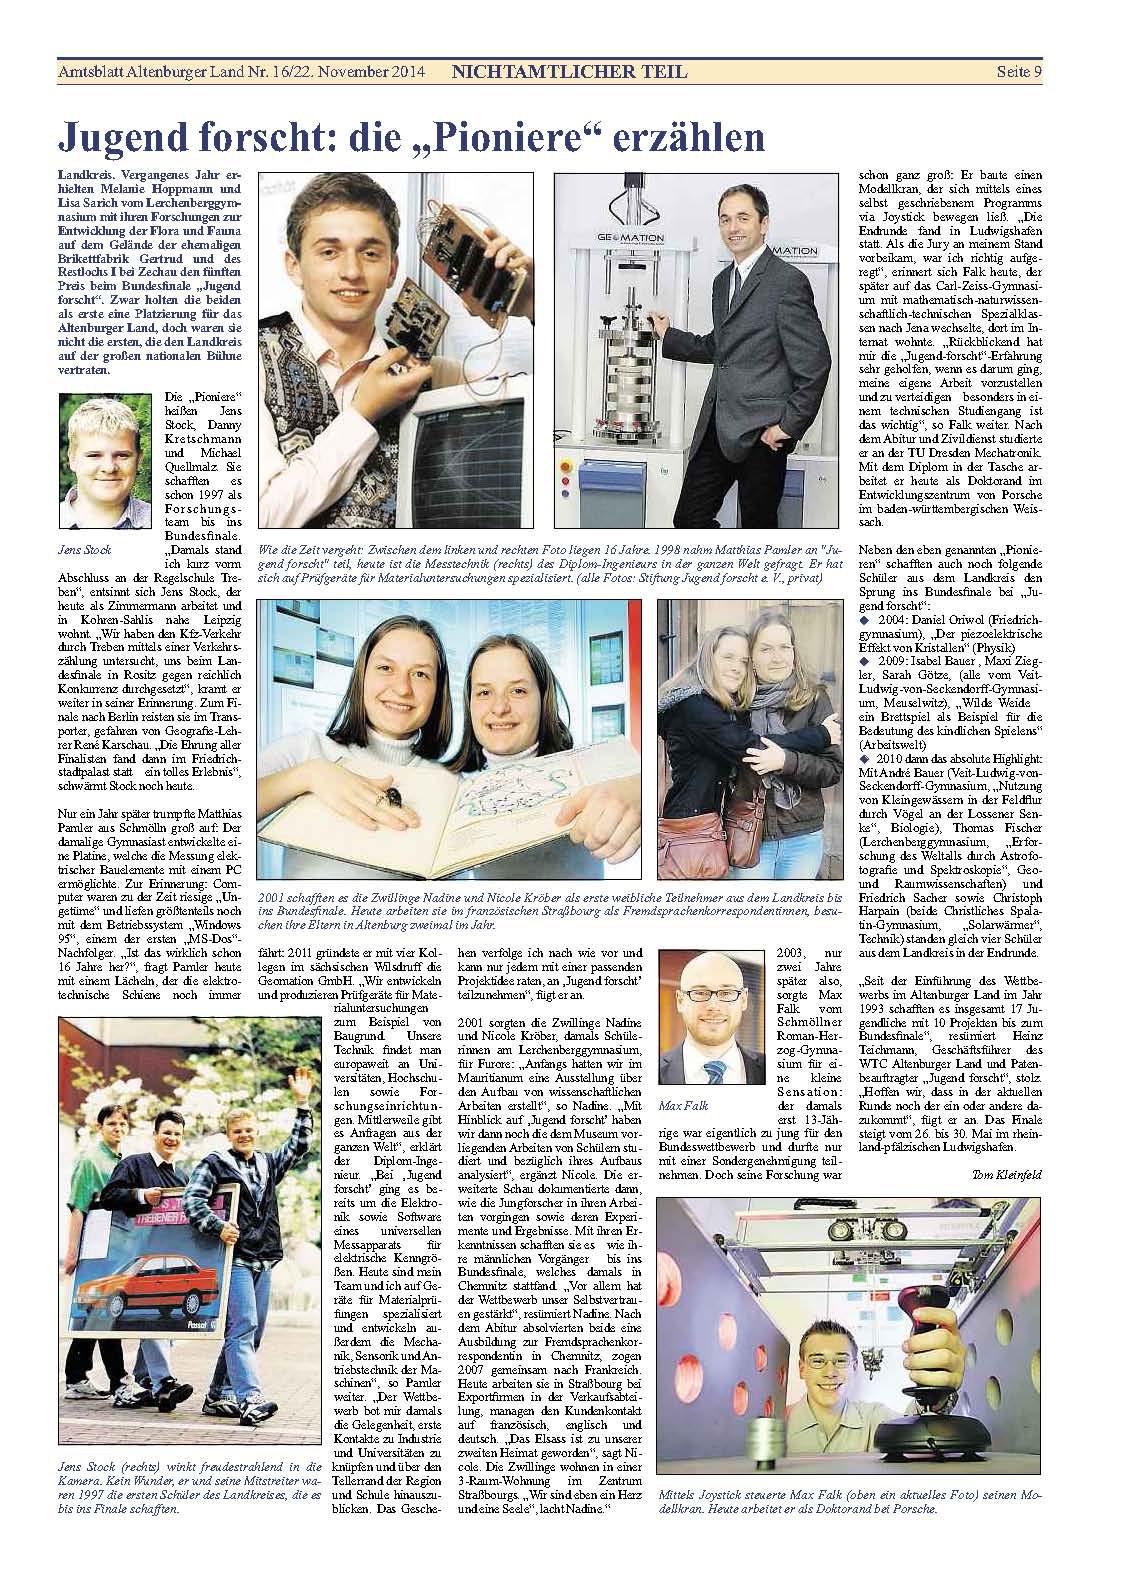 amtsblatt1 22 11 14